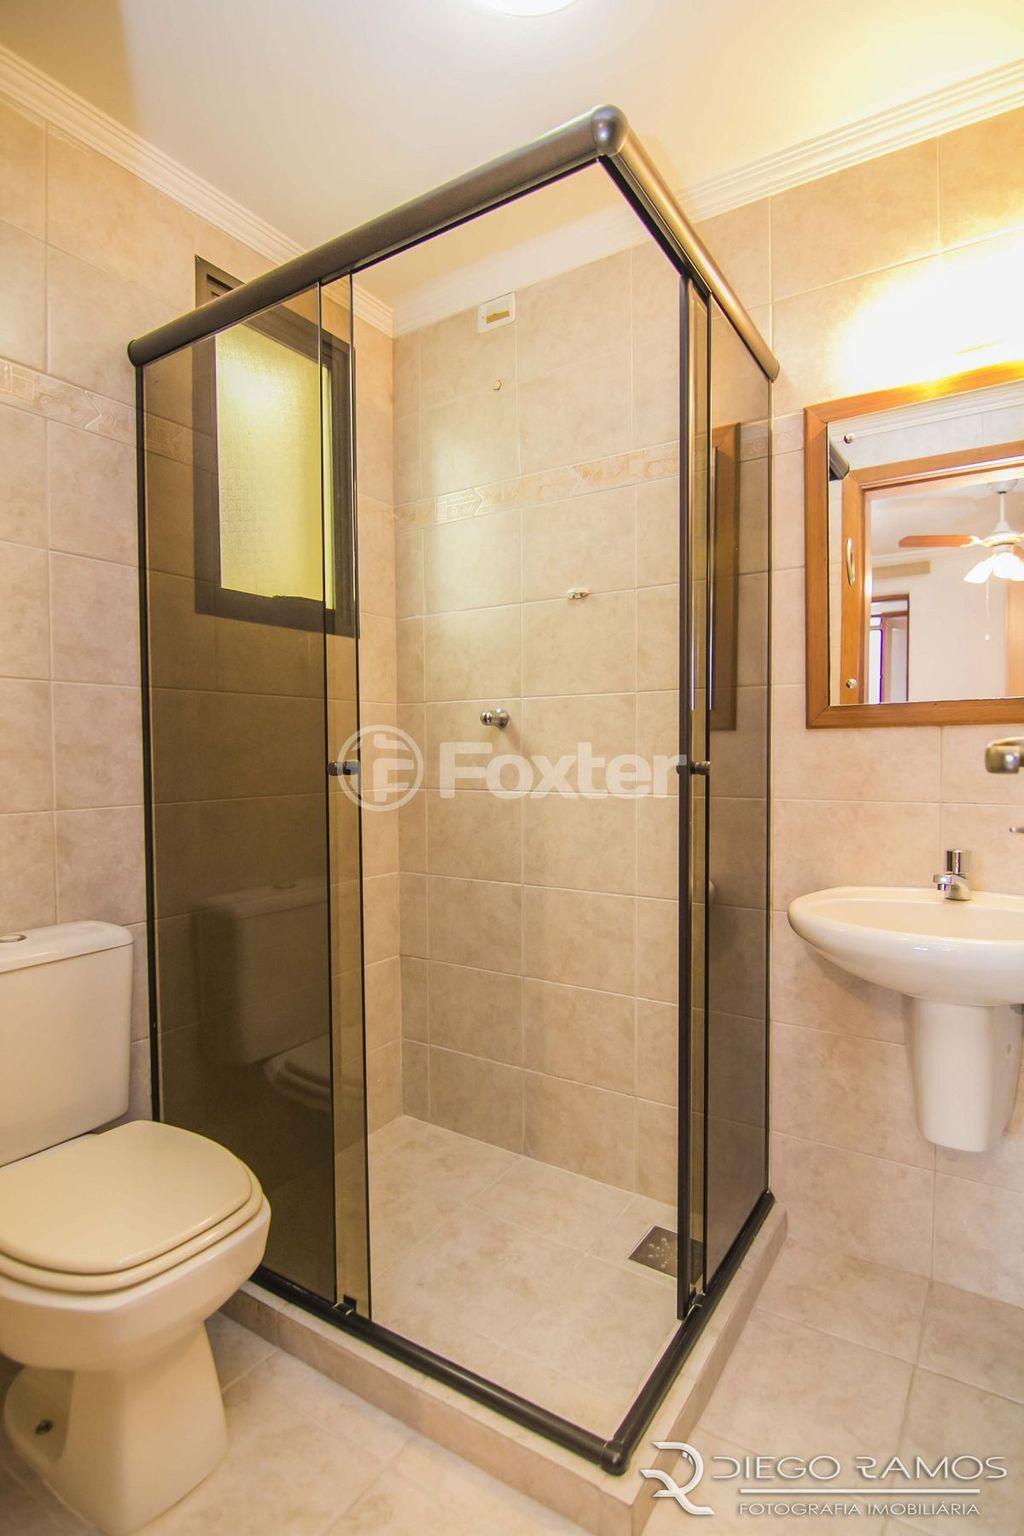 Foxter Imobiliária - Cobertura 1 Dorm (147353) - Foto 18